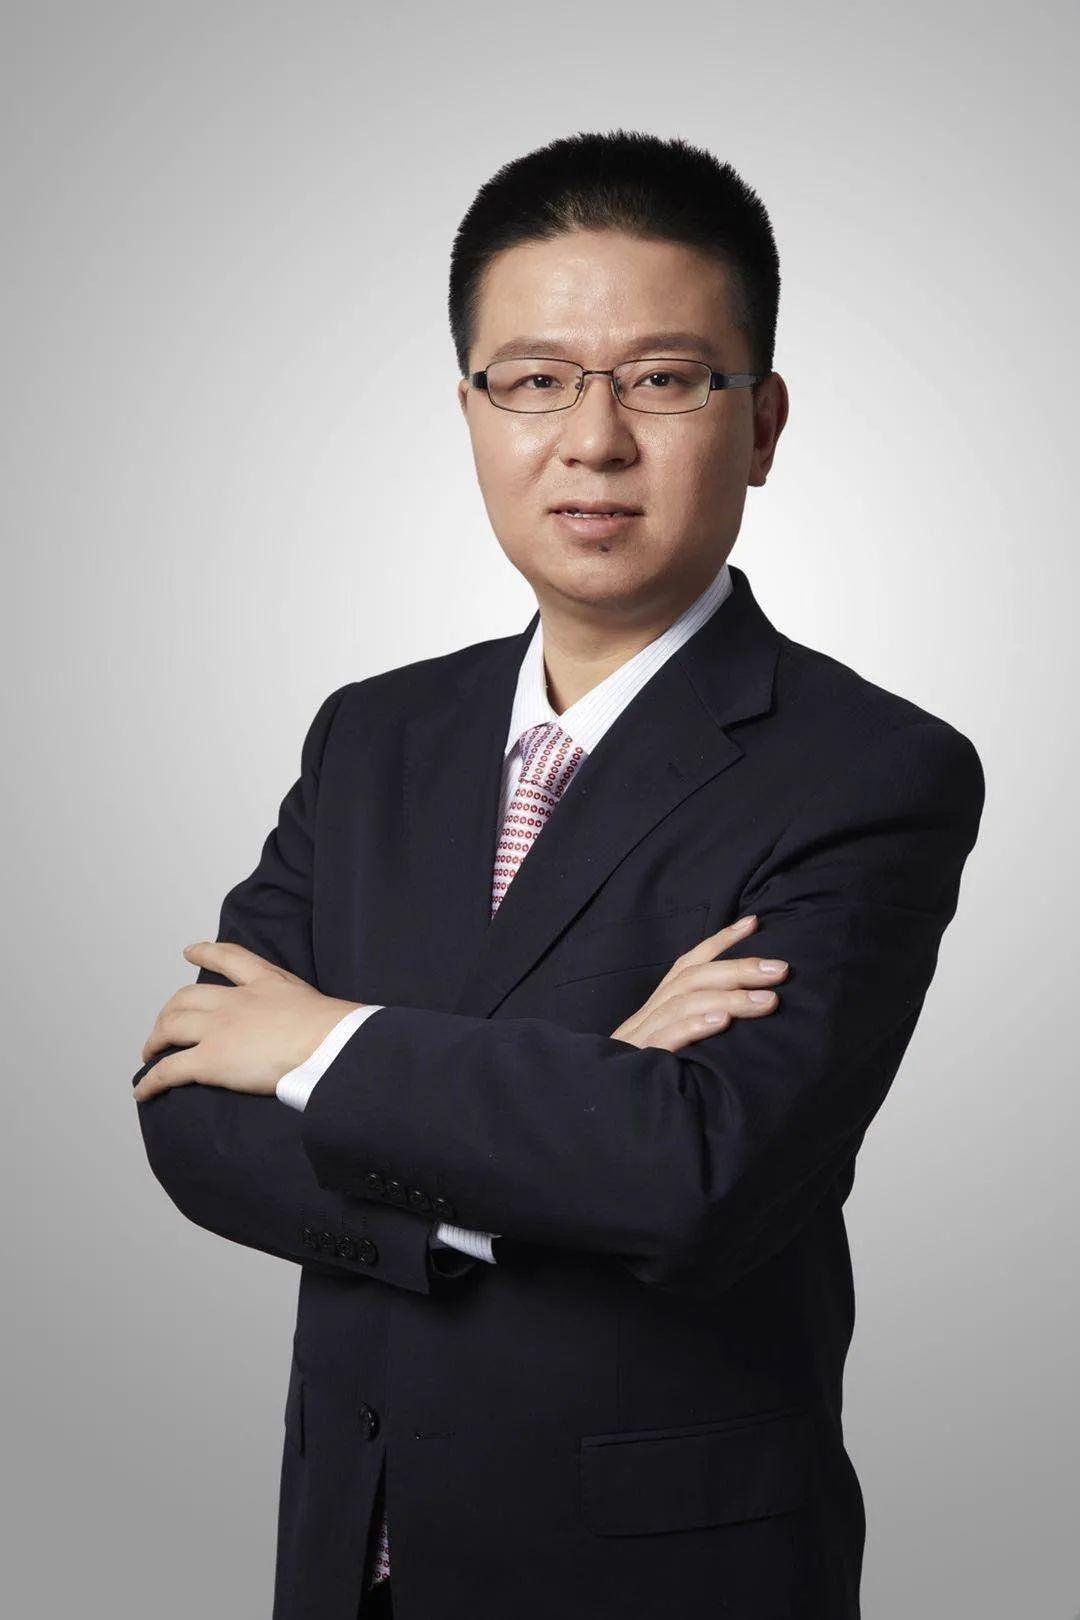 东方基金严凯:投资科技股是时代发展必然选择 要多维度掘金优质龙头